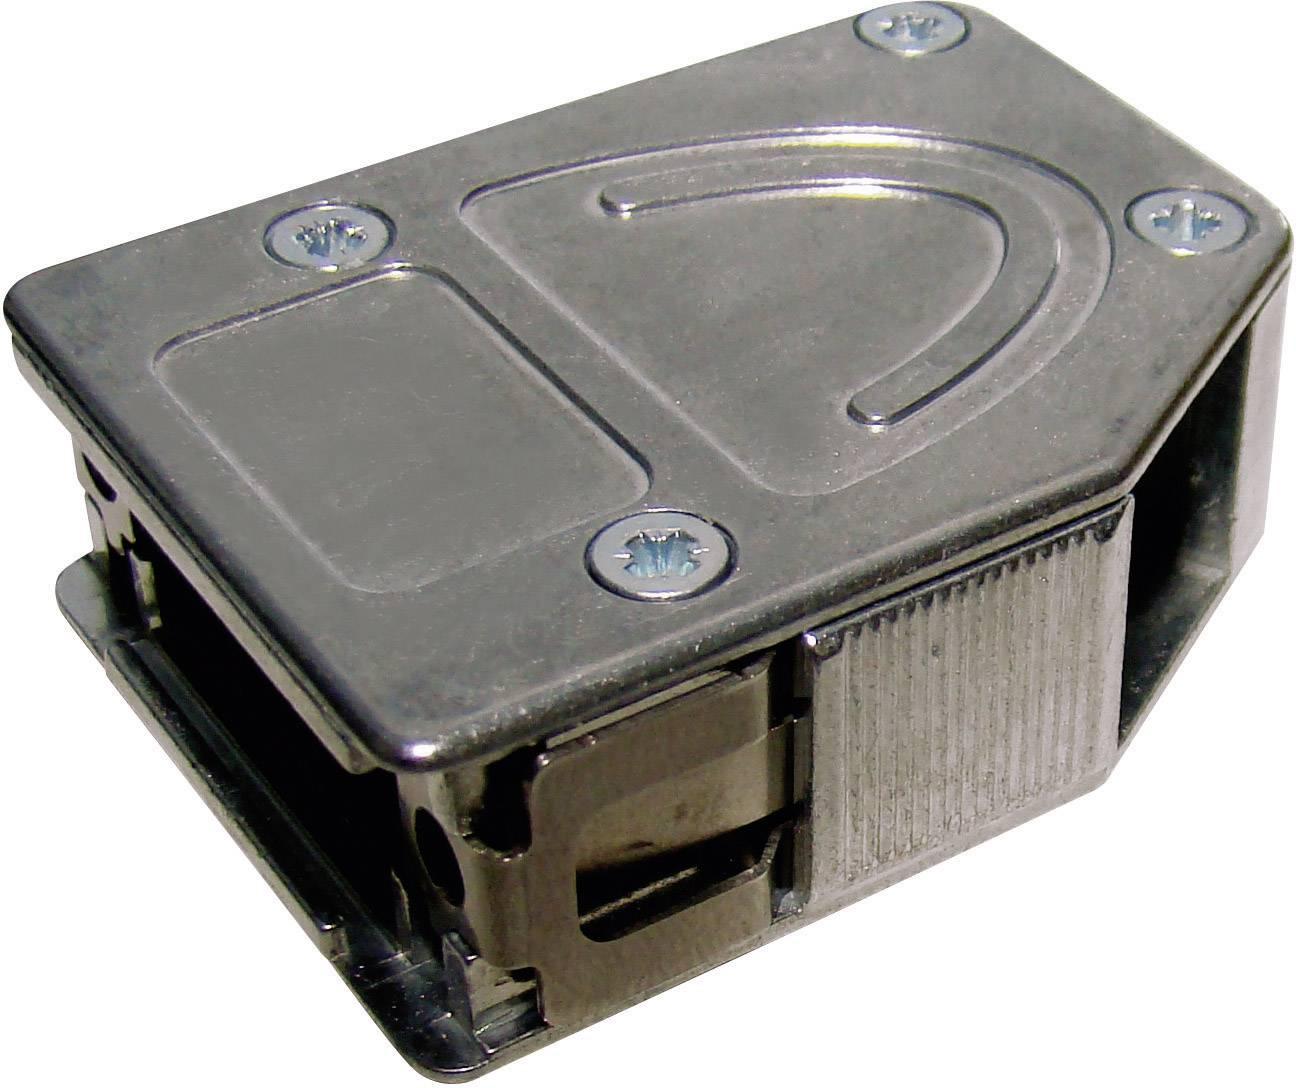 D-SUB pouzdro Provertha 10425DC001 10425DC001, pólů 25, kov, 180 °, 45 °, 45 °, stříbrná, 1 ks